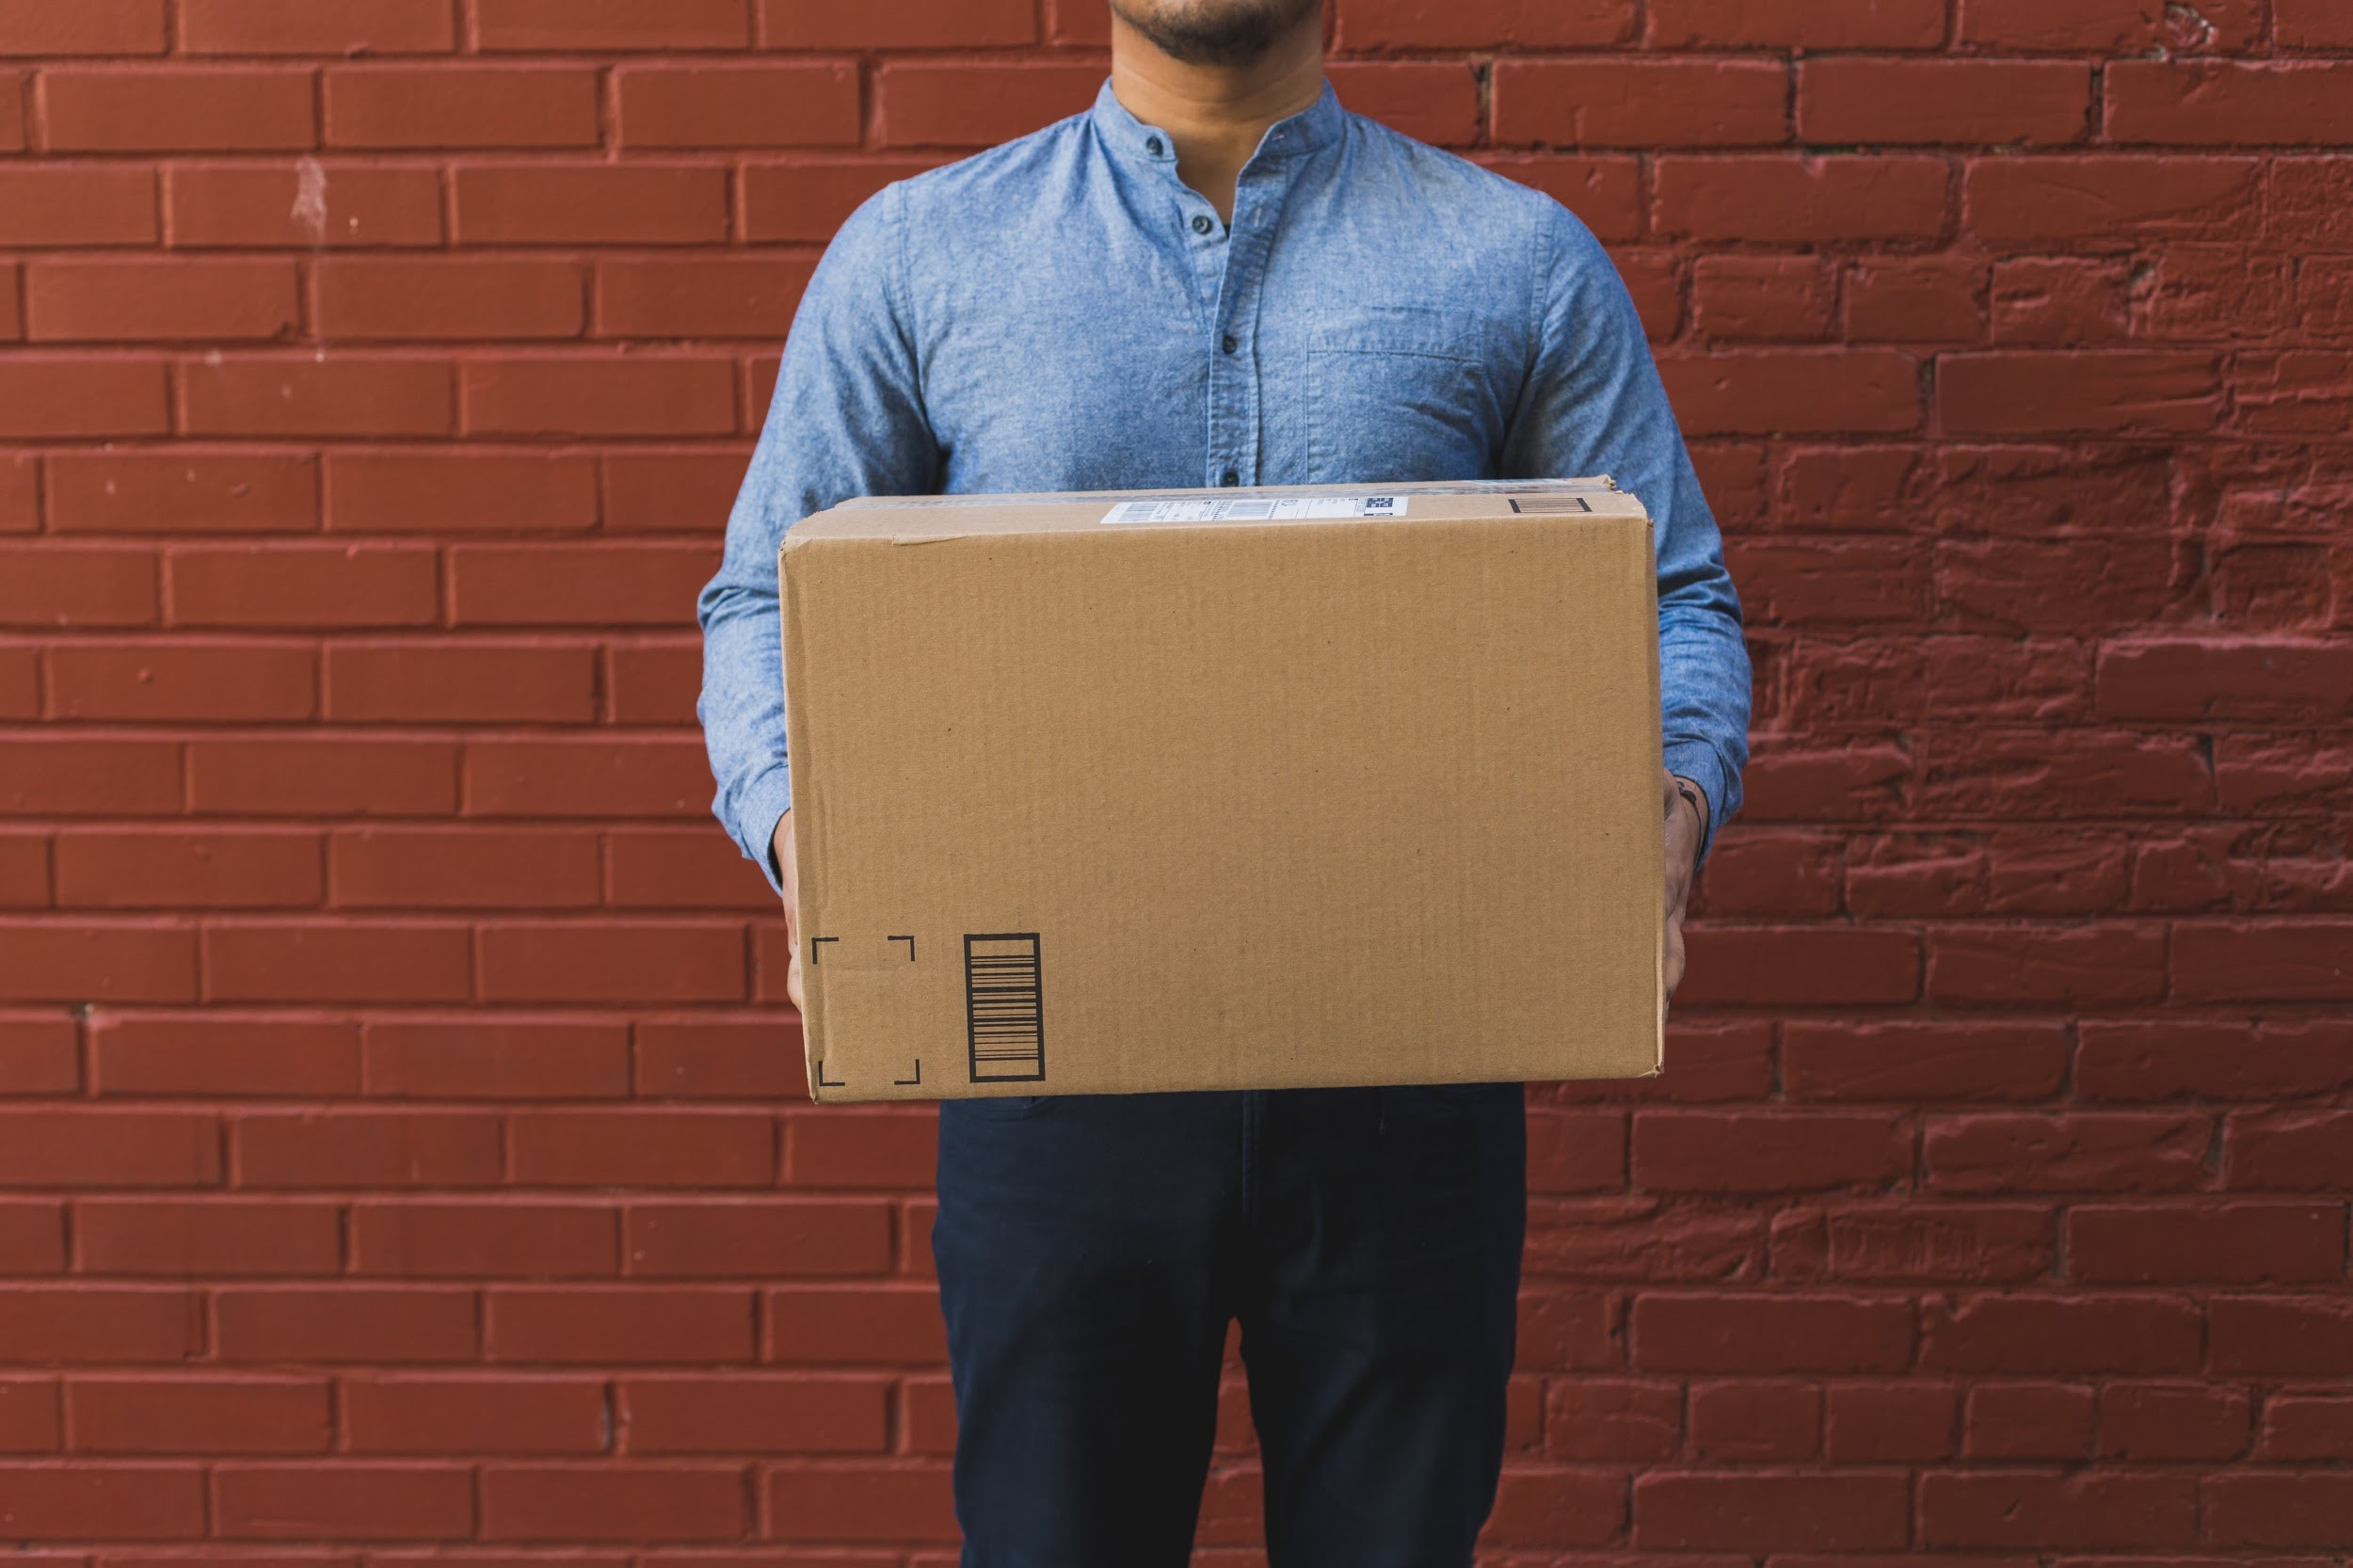 Mann mit einem Paket in der Hand